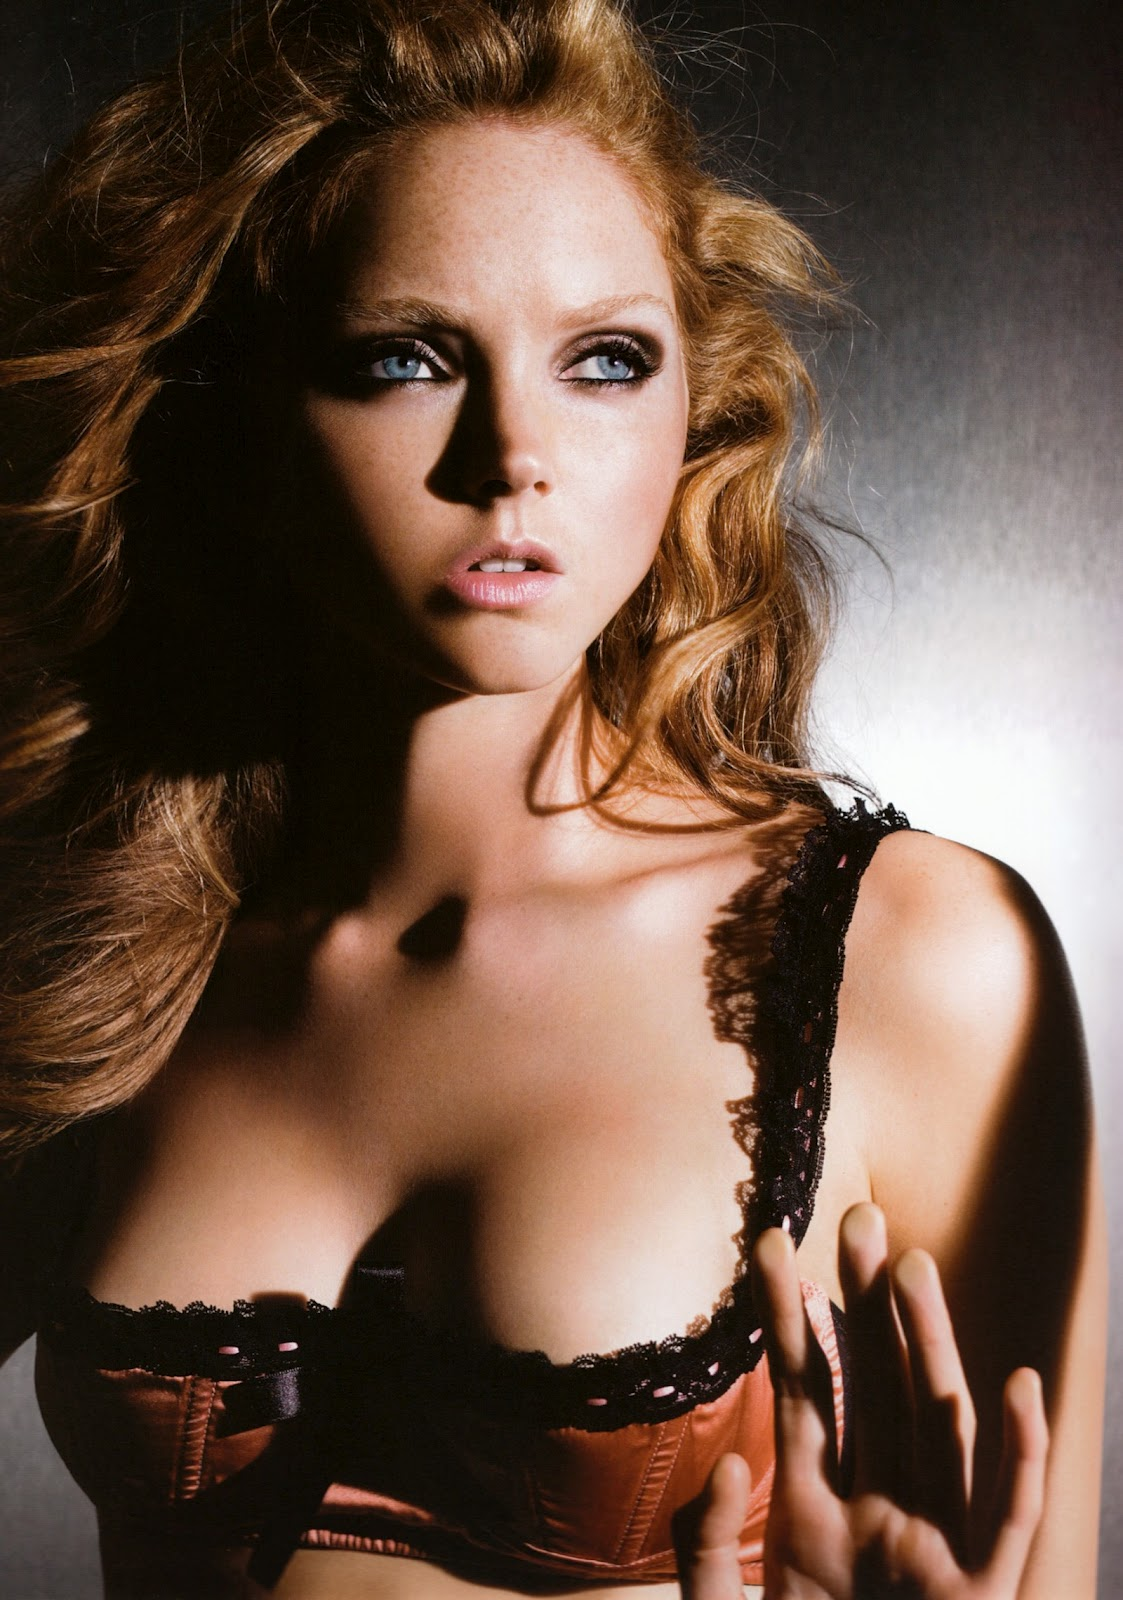 http://2.bp.blogspot.com/-ESCj-aDYIIE/UCvaAkIRGQI/AAAAAAAABnY/uTCwglTNIUs/s1600/Lily-Cole-2.jpg